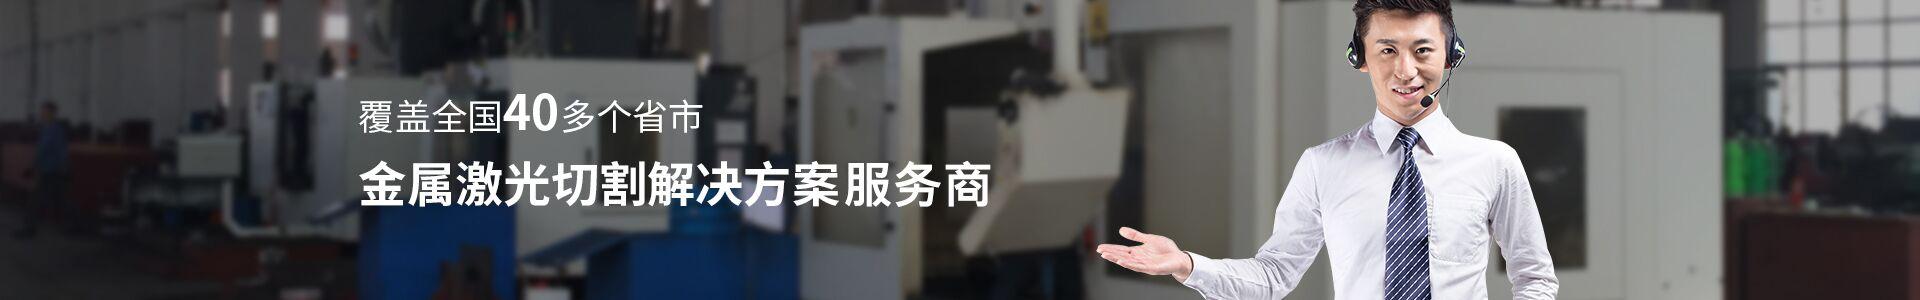 覆盖quan国40duo个省市 金属激光切割解决fang案zhuan家